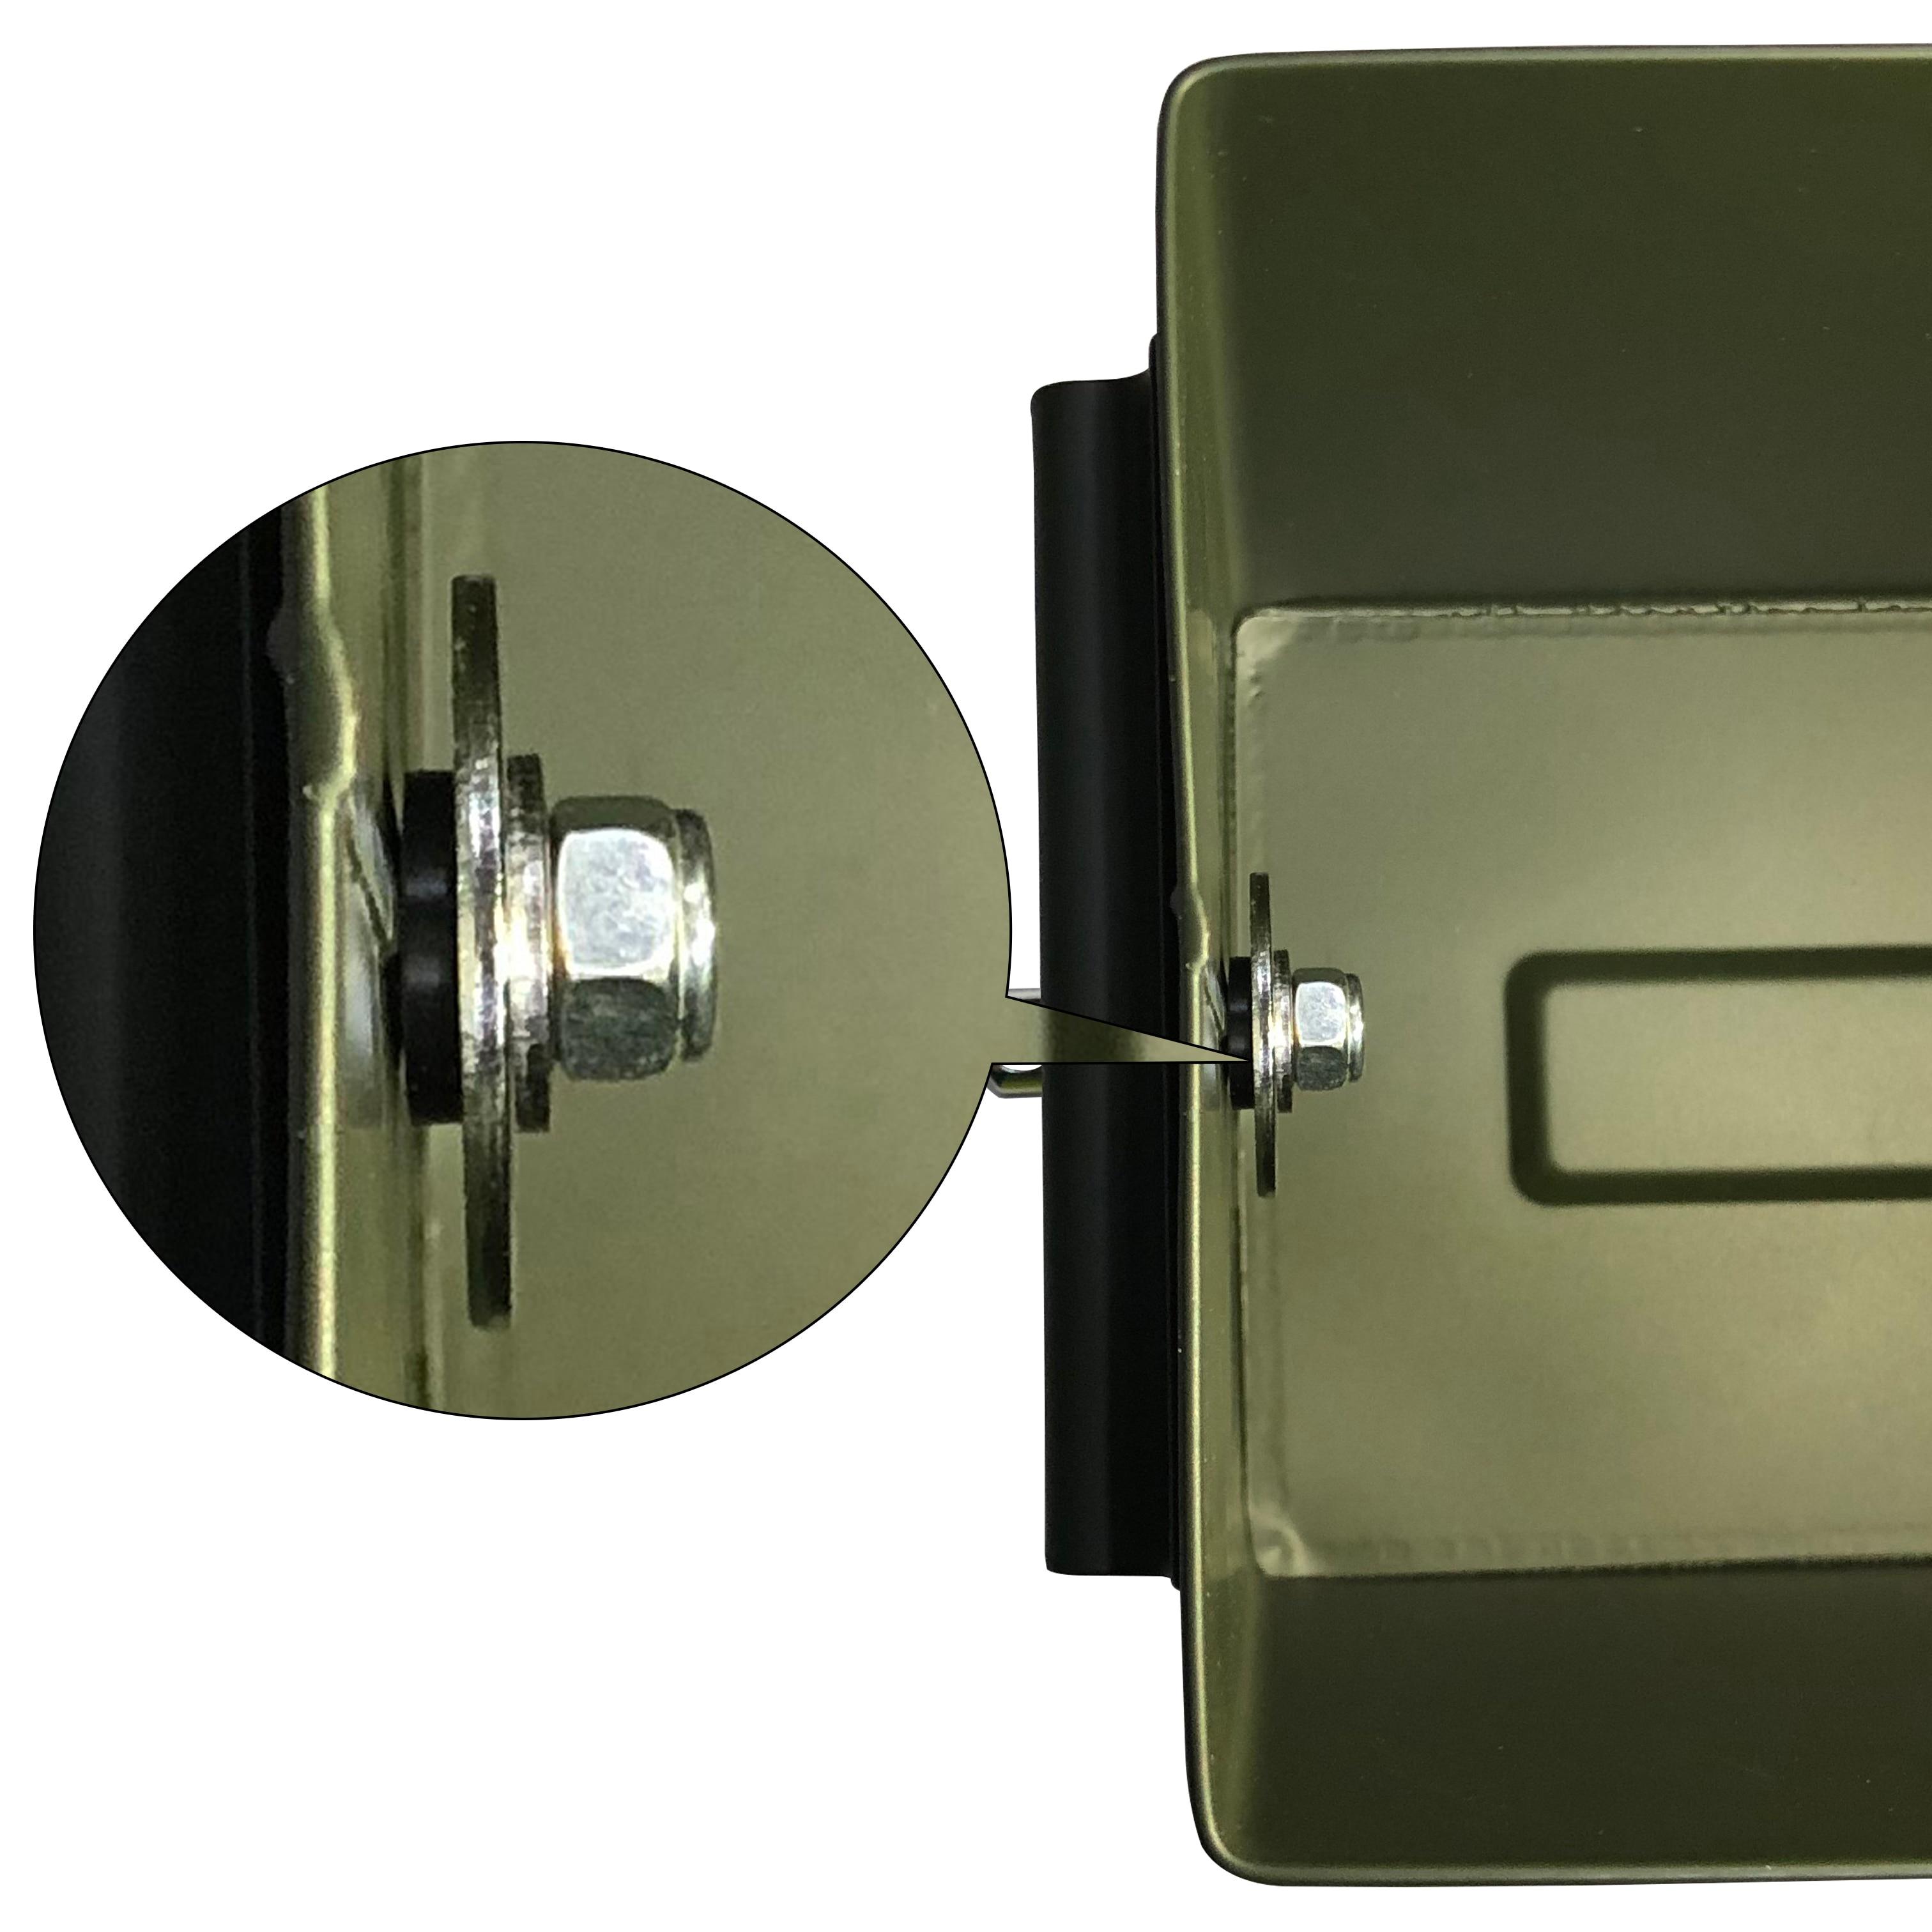 50 Cal Metal M2A1 caja de municiones estilo militar y militar caja de acero munición de pistola caja de almacenamiento caja de soporte pesado táctico caja de balas bloqueable - 5